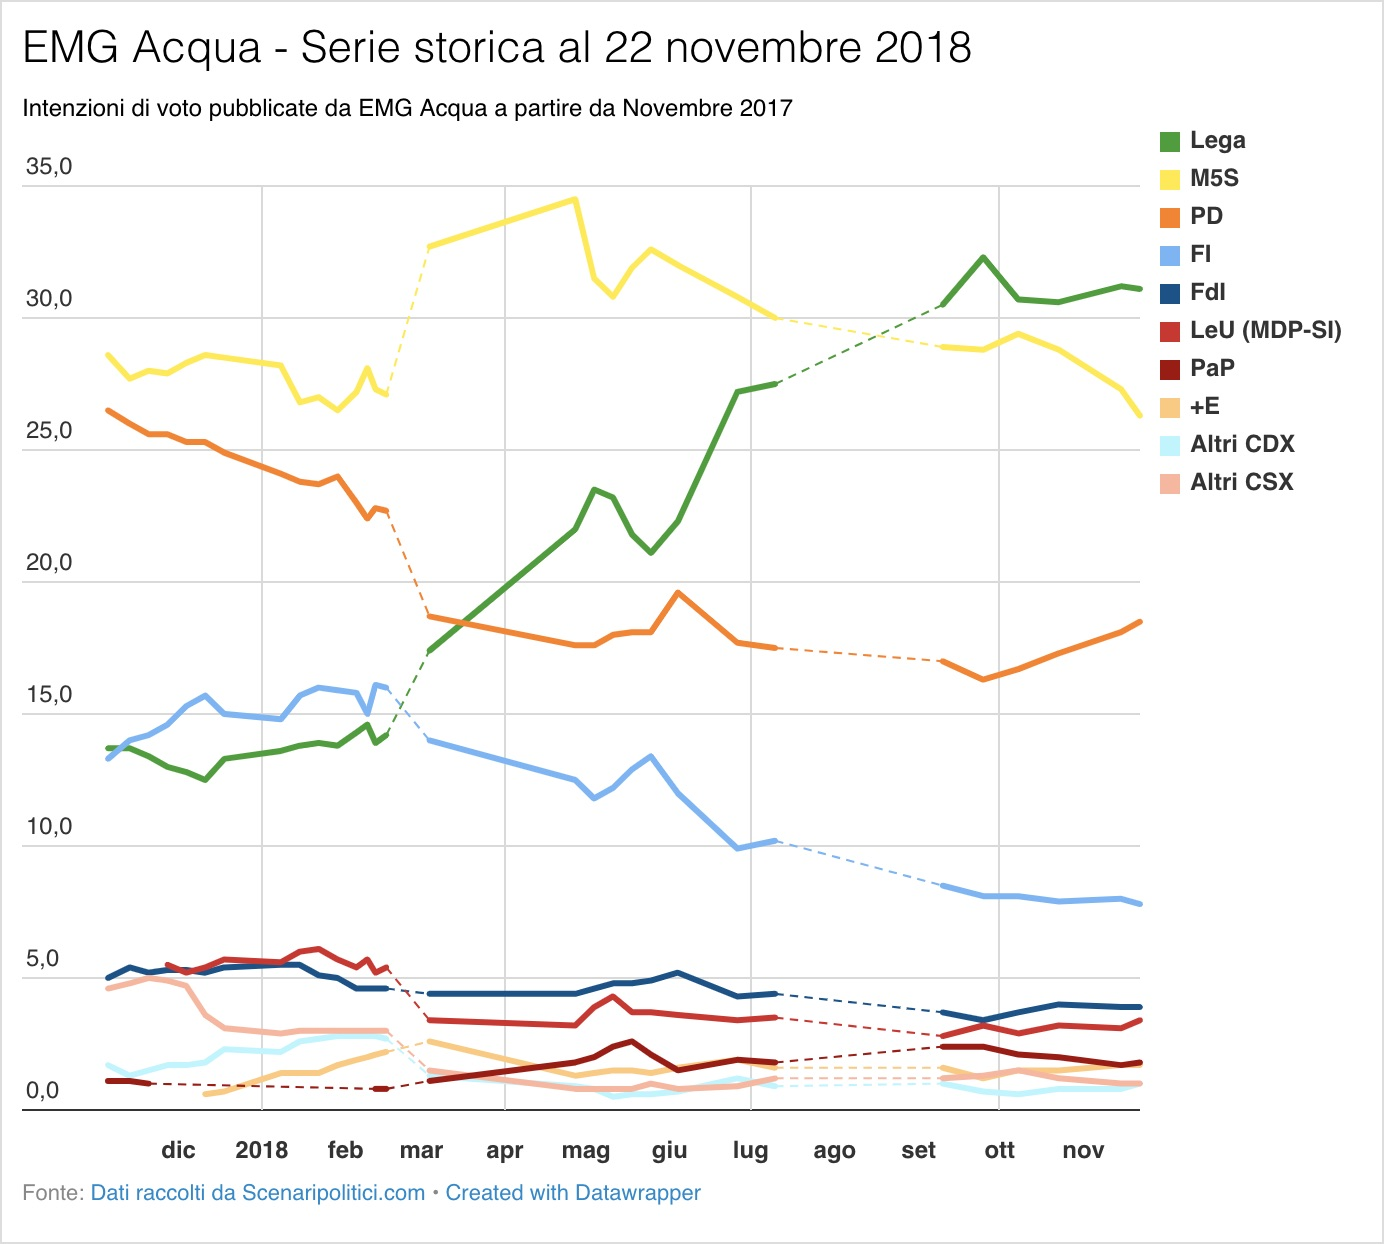 Sondaggio EMG Acqua (22 novembre 2018)